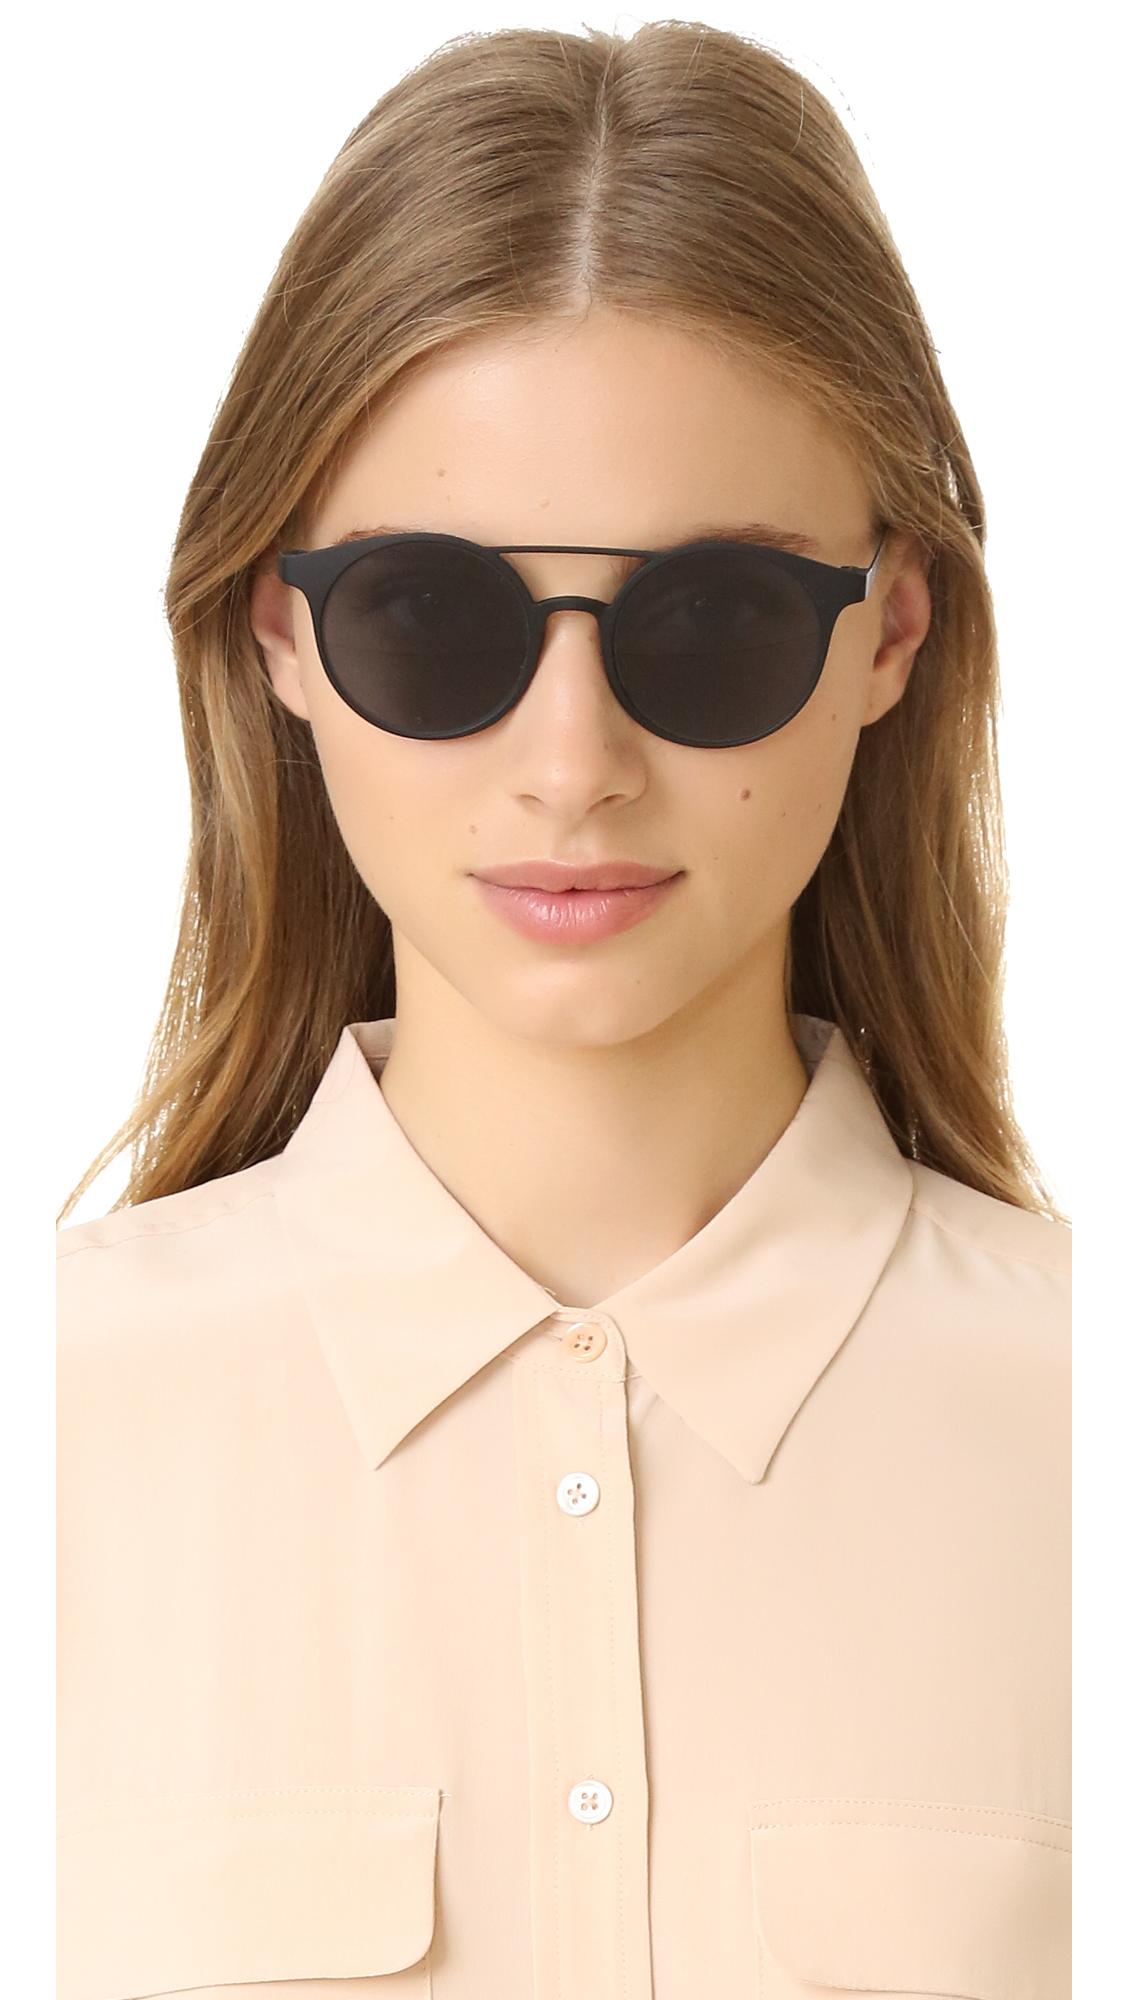 dff104204af Le Specs Demo Mode Sunglasses